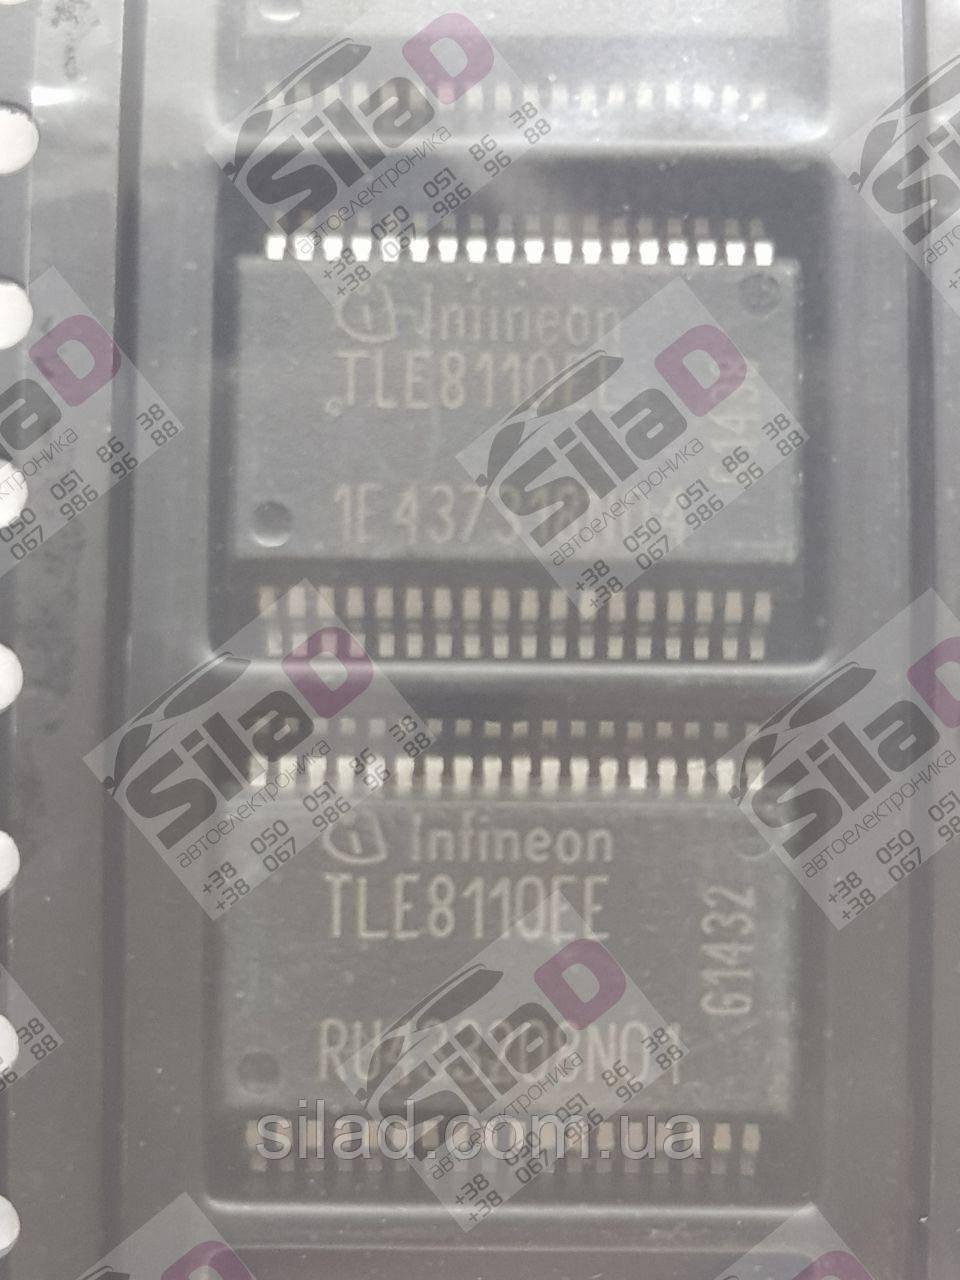 Микросхема TLE8110EE Infineon корпус PG-DSO-36